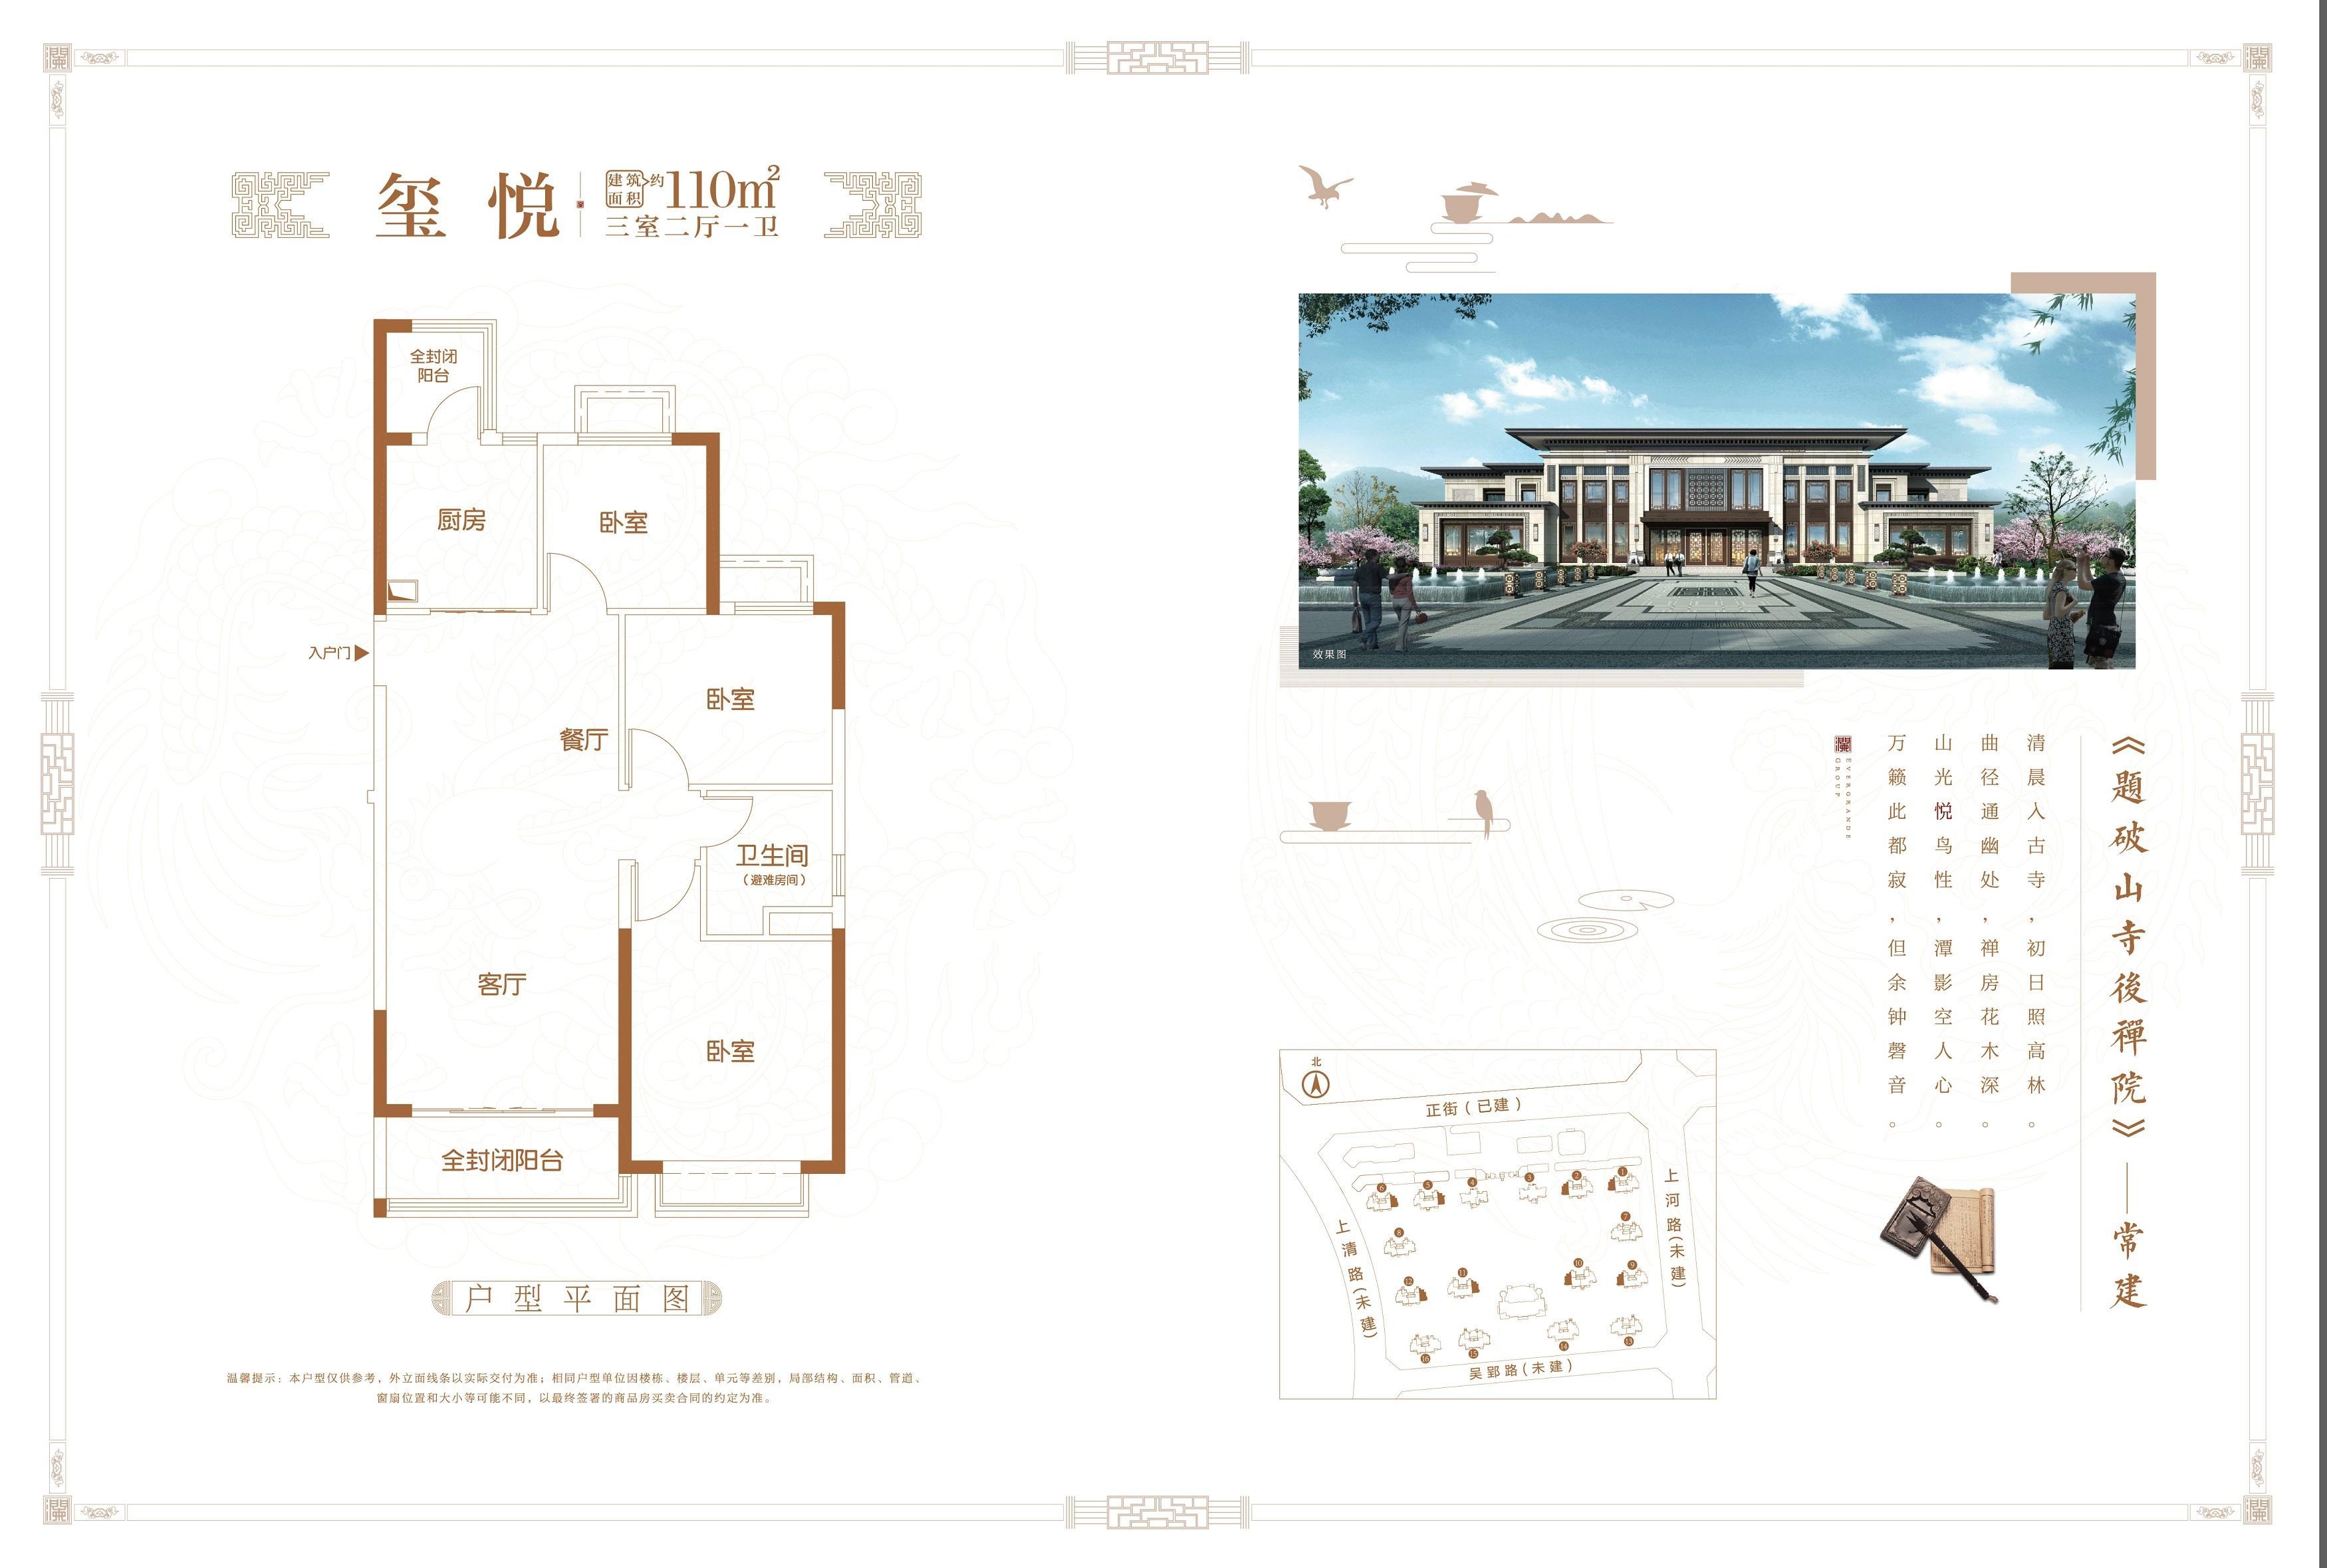 蚌埠恒大·悦澜湾 三室两厅两卫 建面约110㎡ 户型图